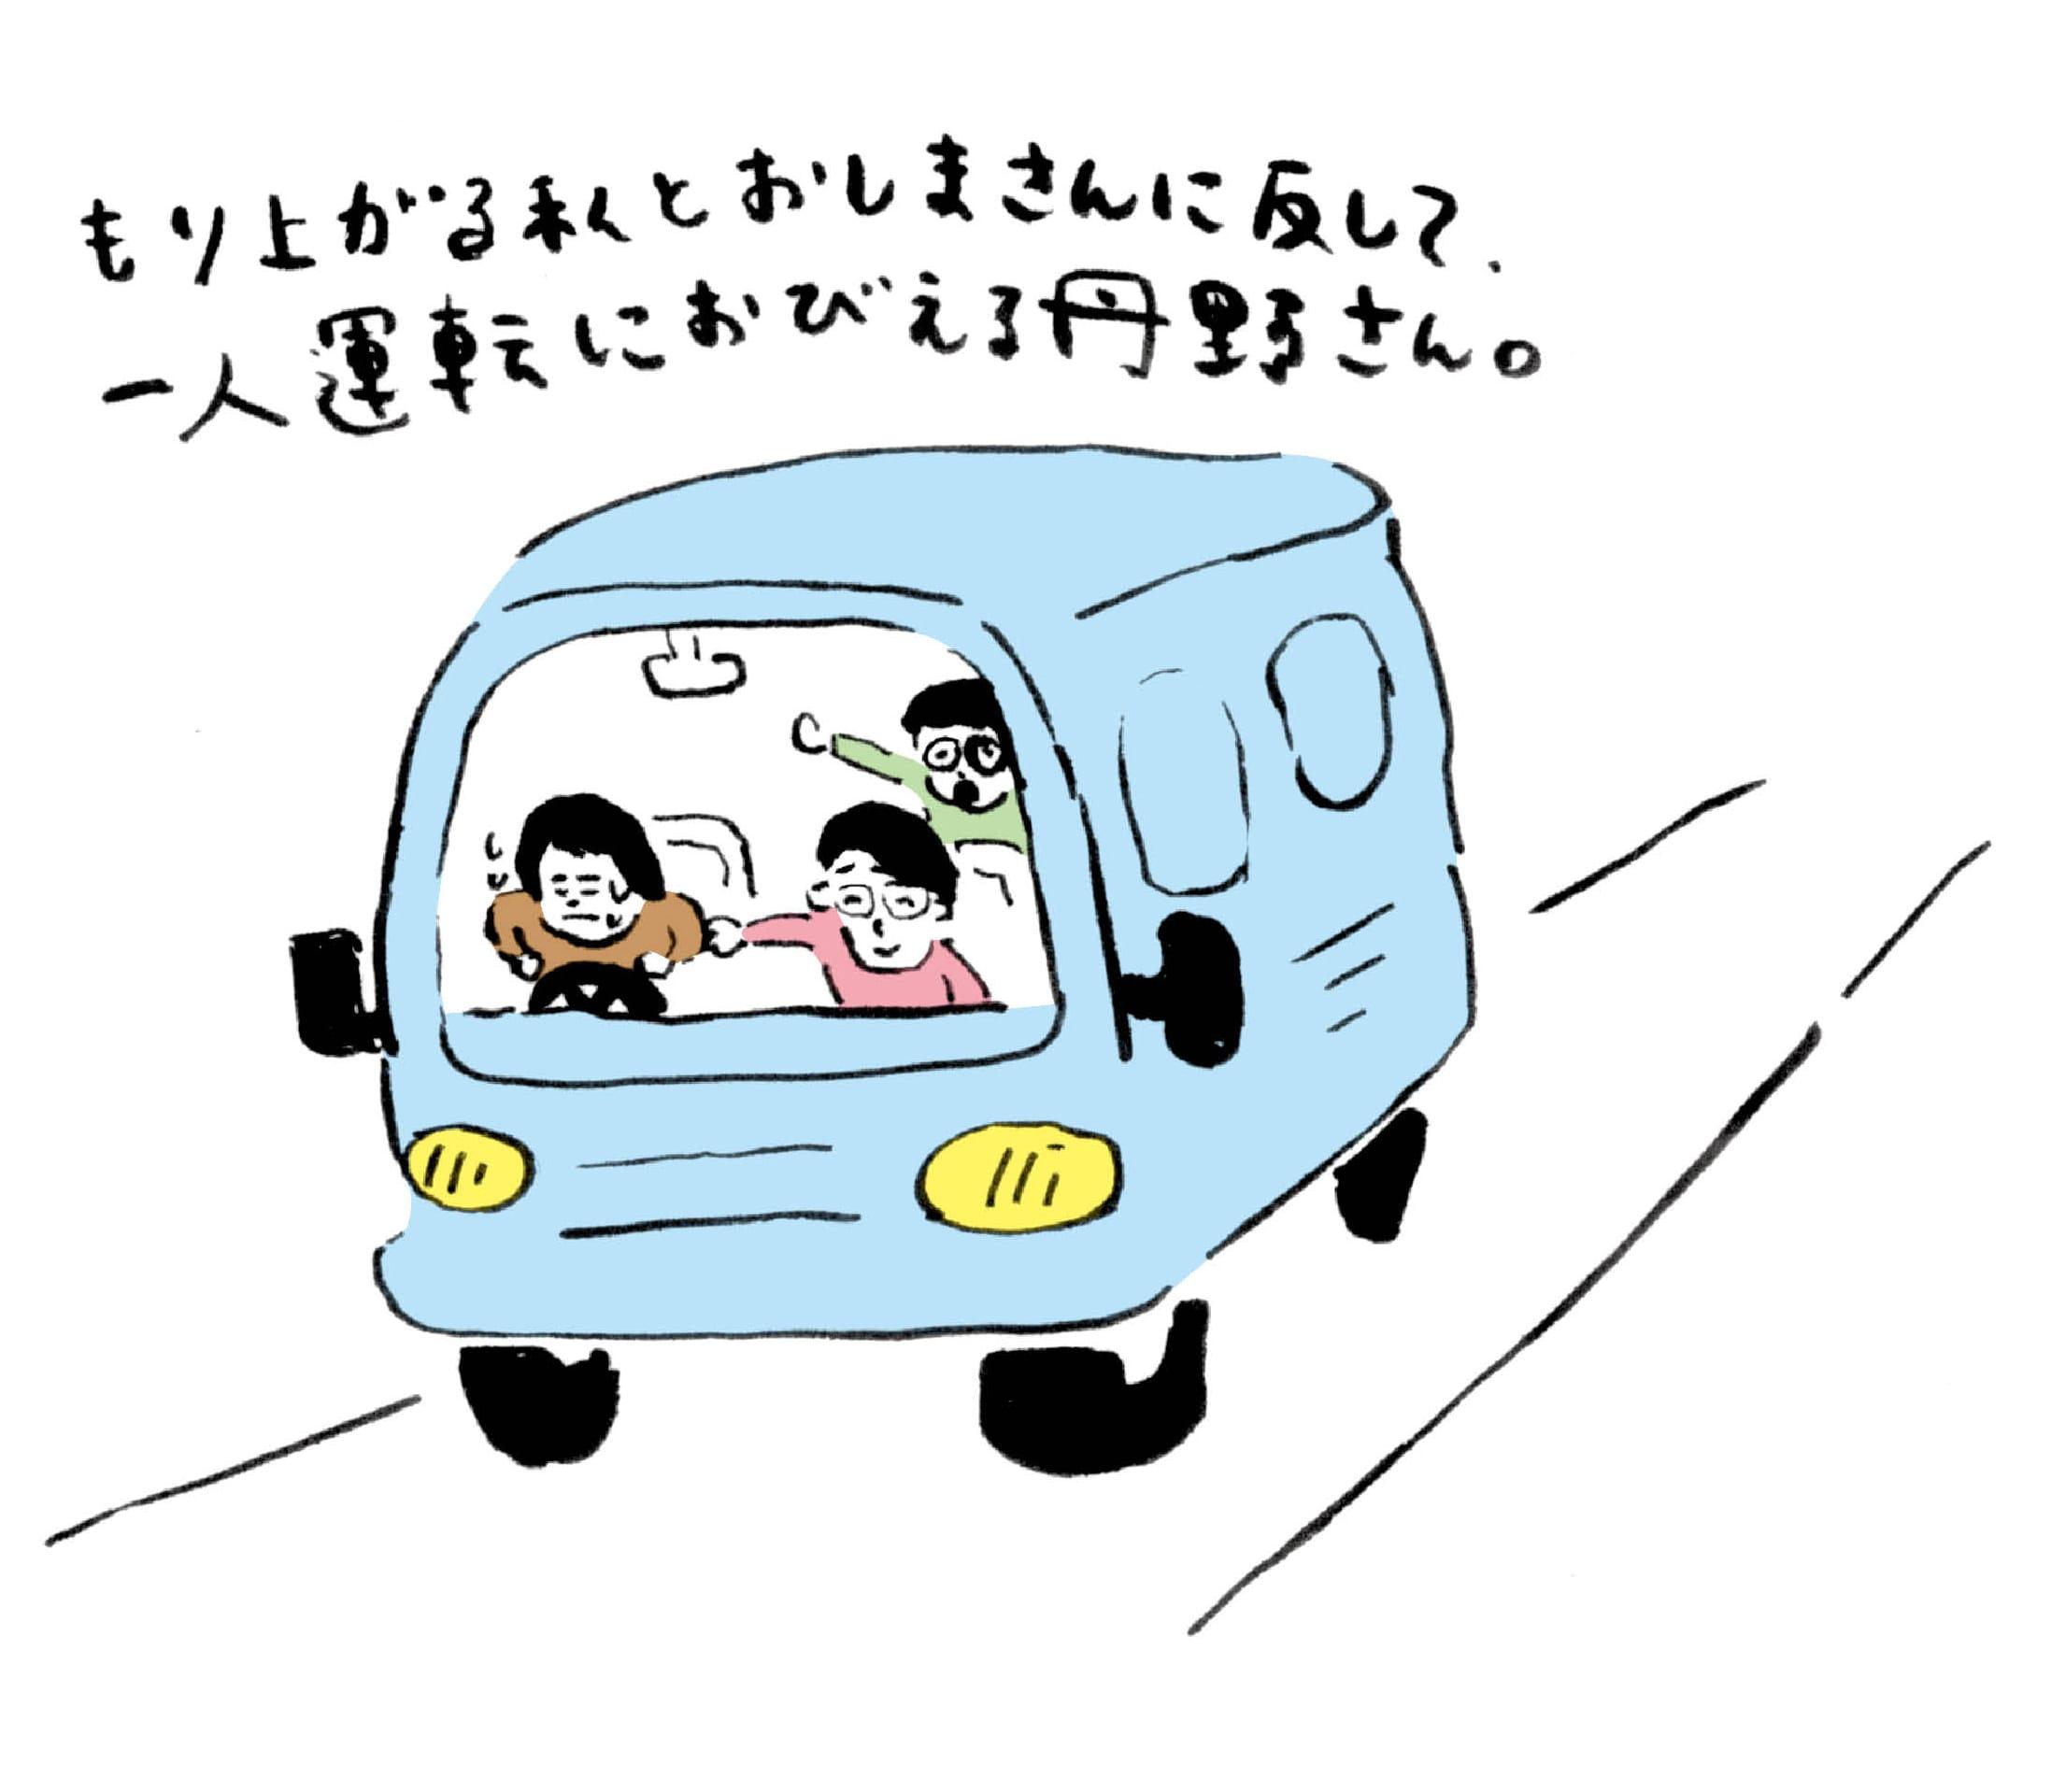 hinagata_yamagata_1-3